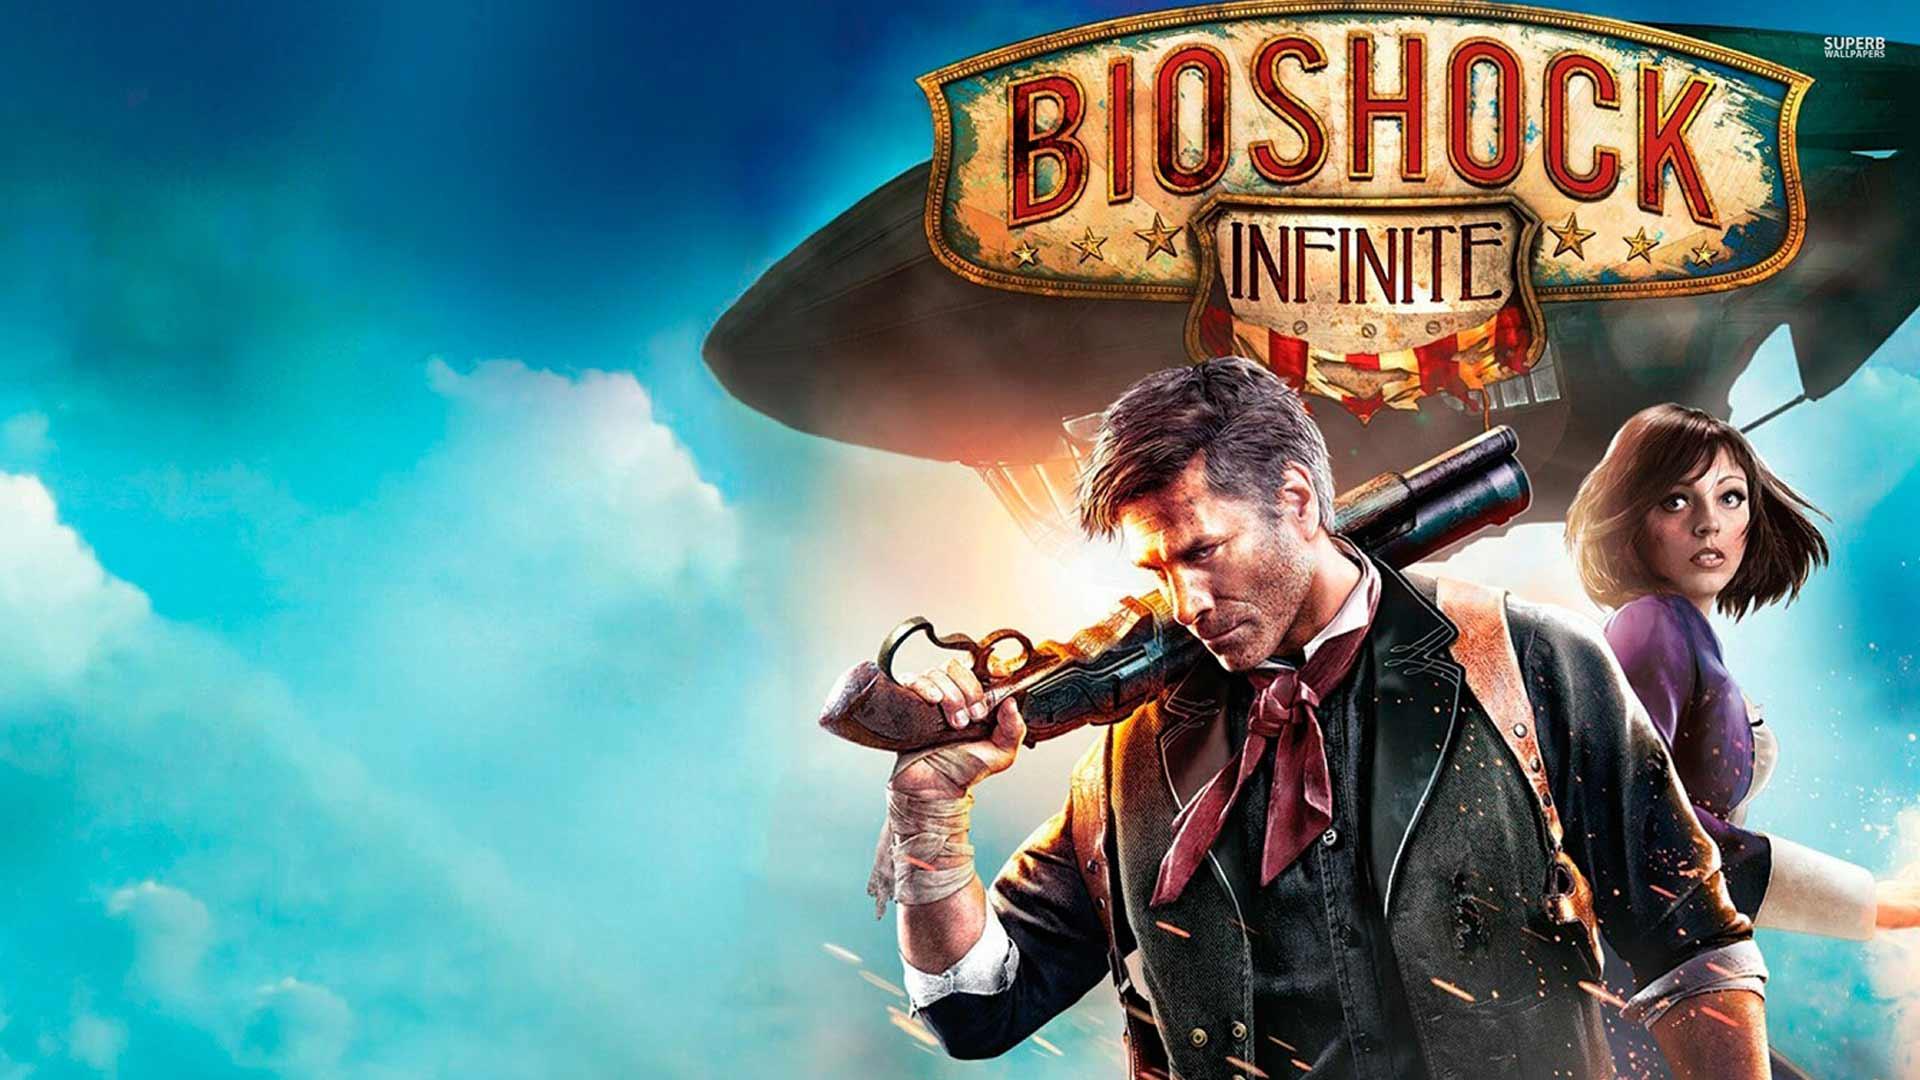 Элизабет в BioShock Infinite изначально была безмолвным персонажем